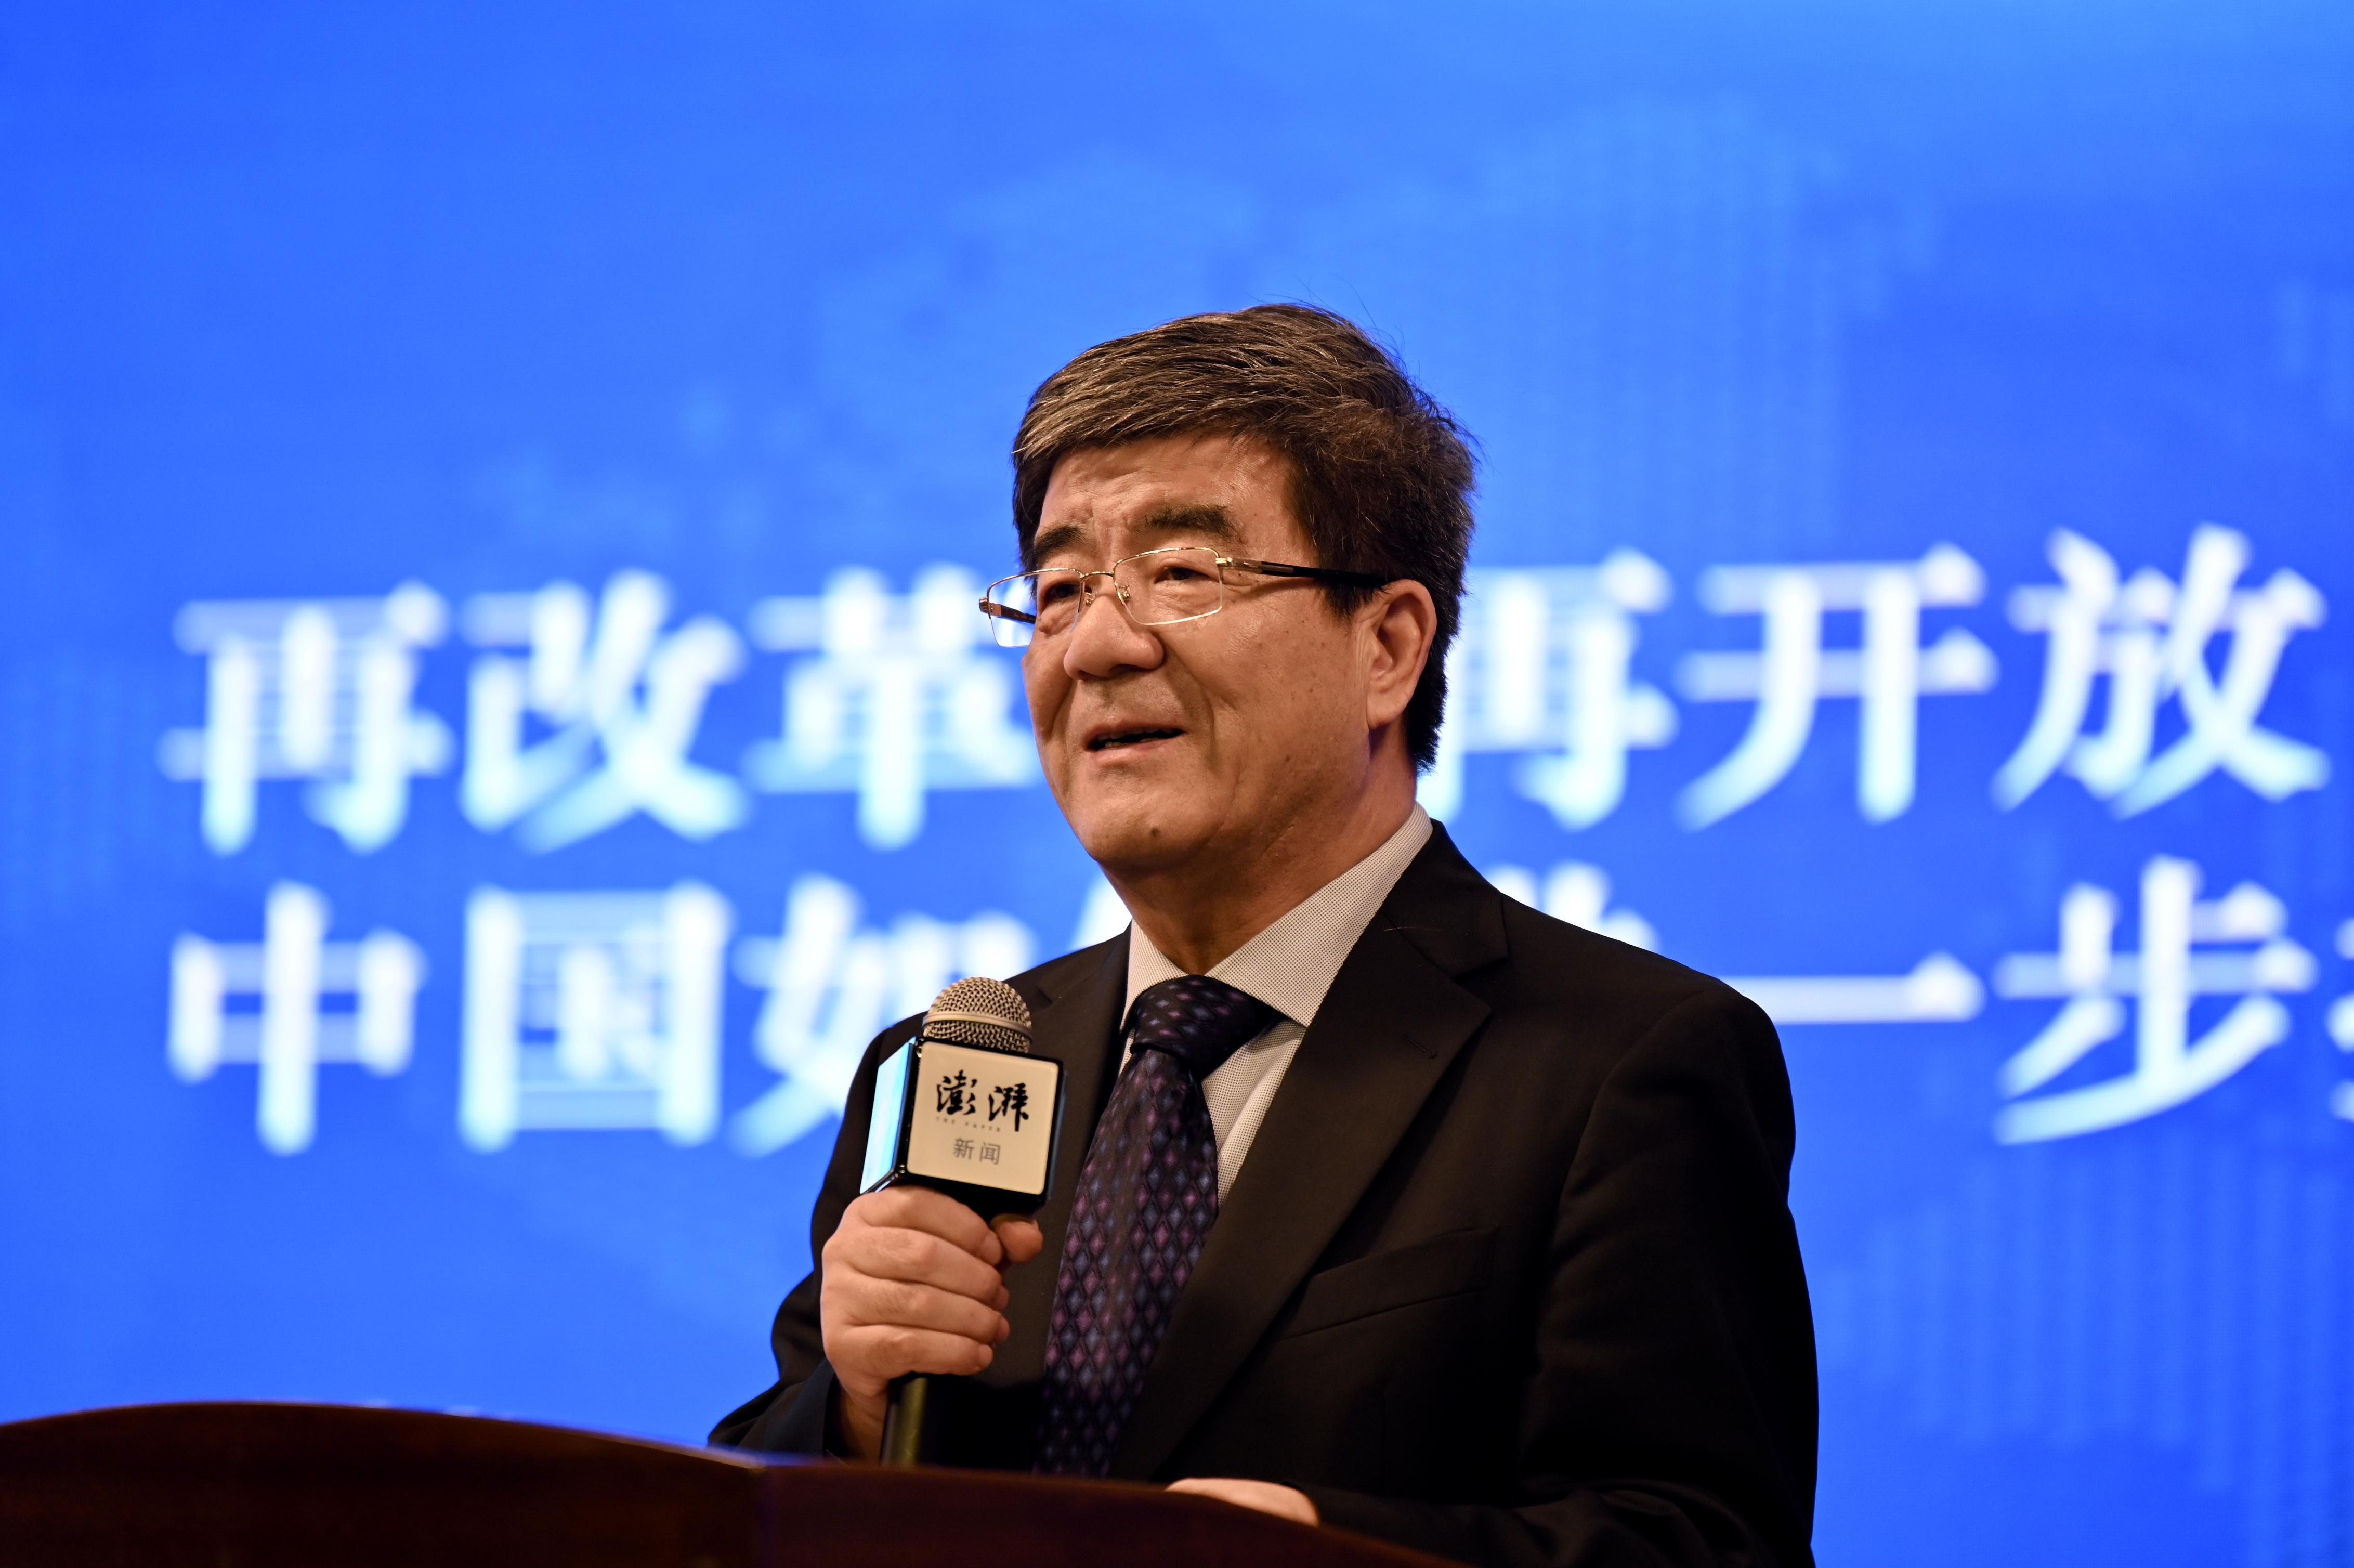 北京大学汇丰商学院院长、北京大学原副校长海闻。 澎湃新闻记者 孙湛 图